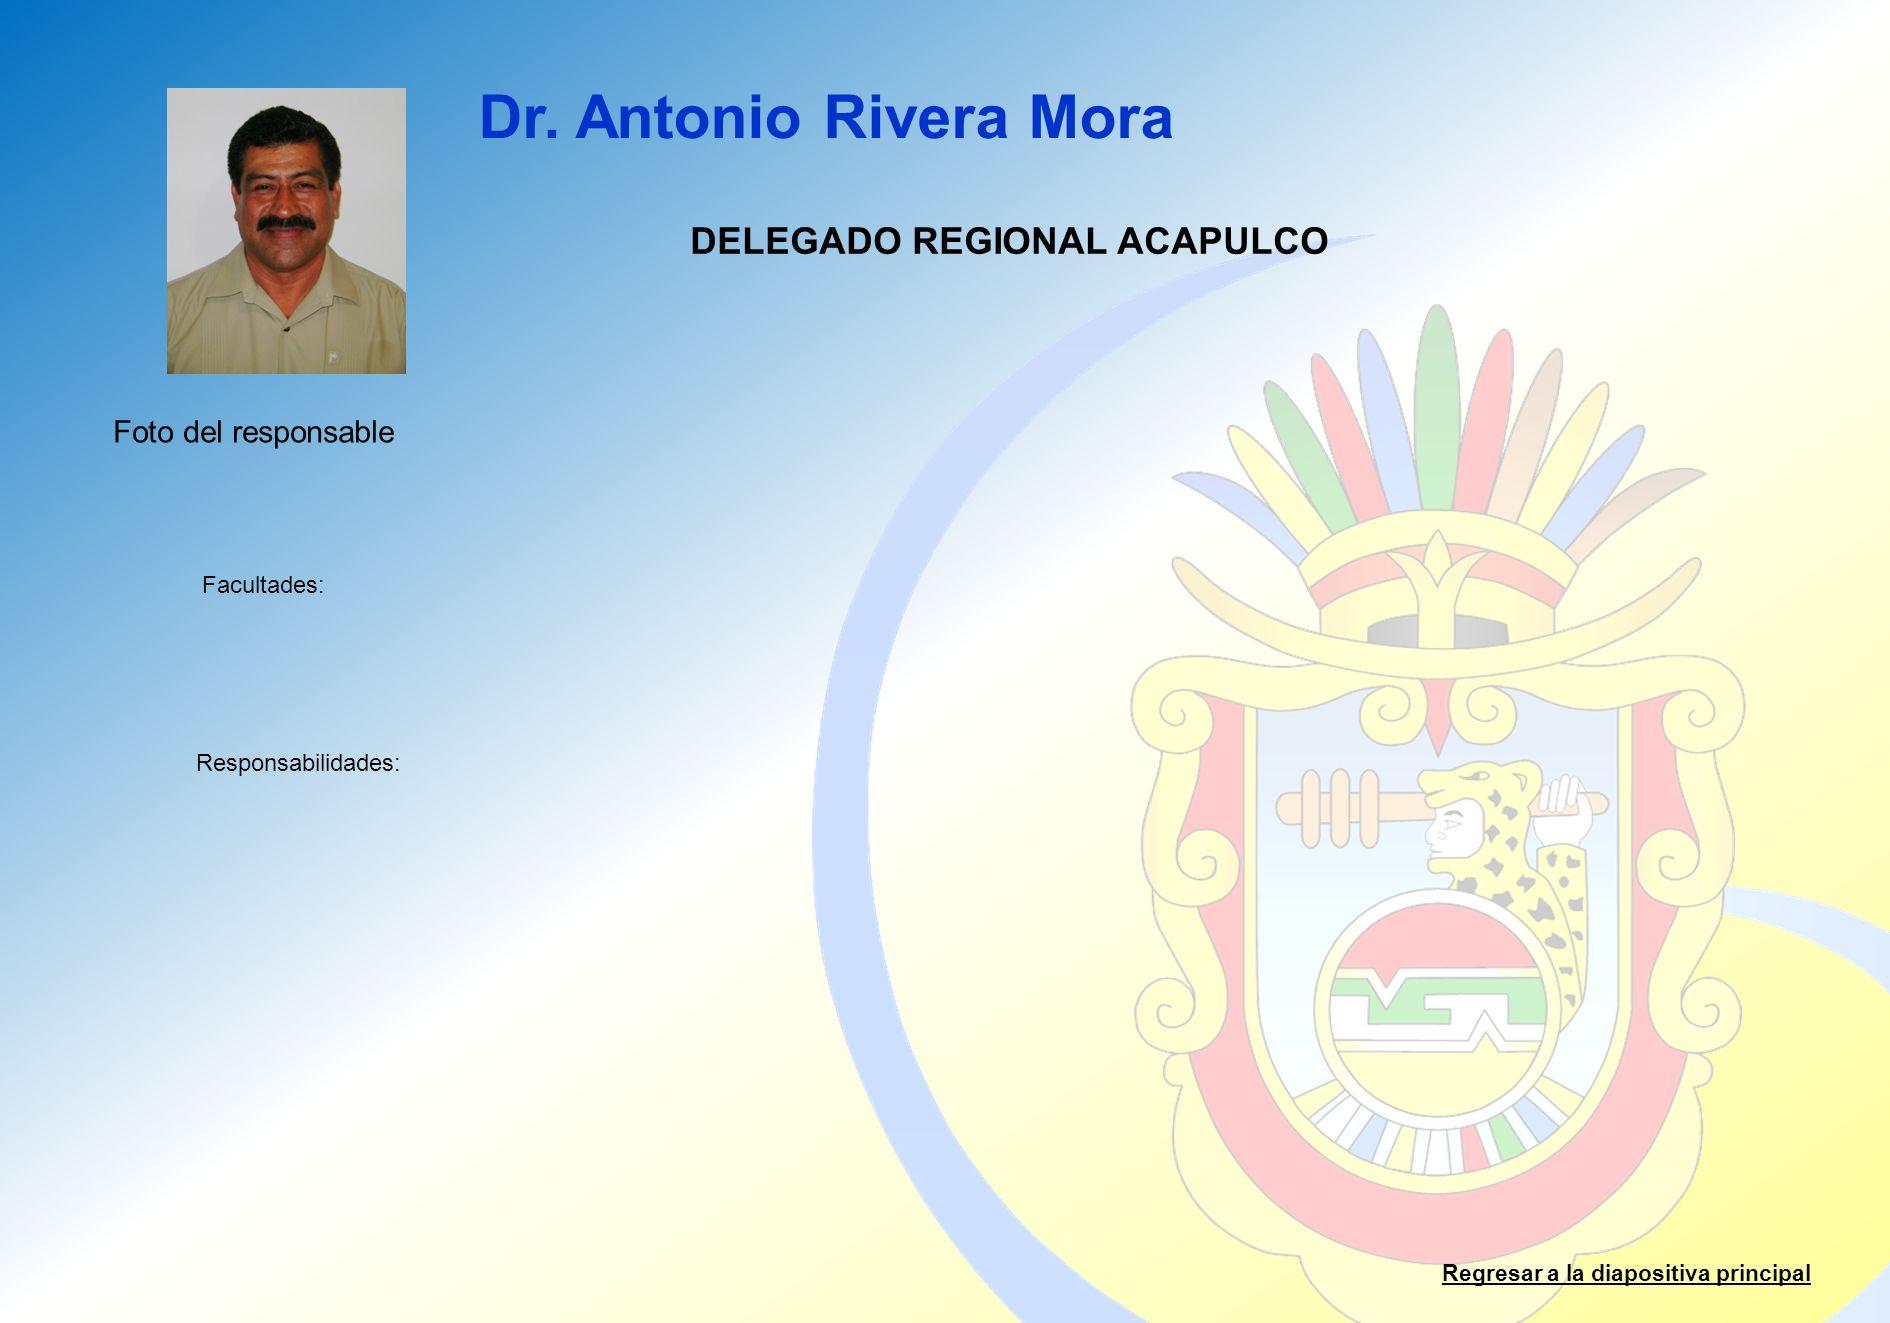 Dr. Antonio Rivera Mora Facultades: Responsabilidades: Regresar a la diapositiva principal DELEGADO REGIONAL ACAPULCO Foto del responsable